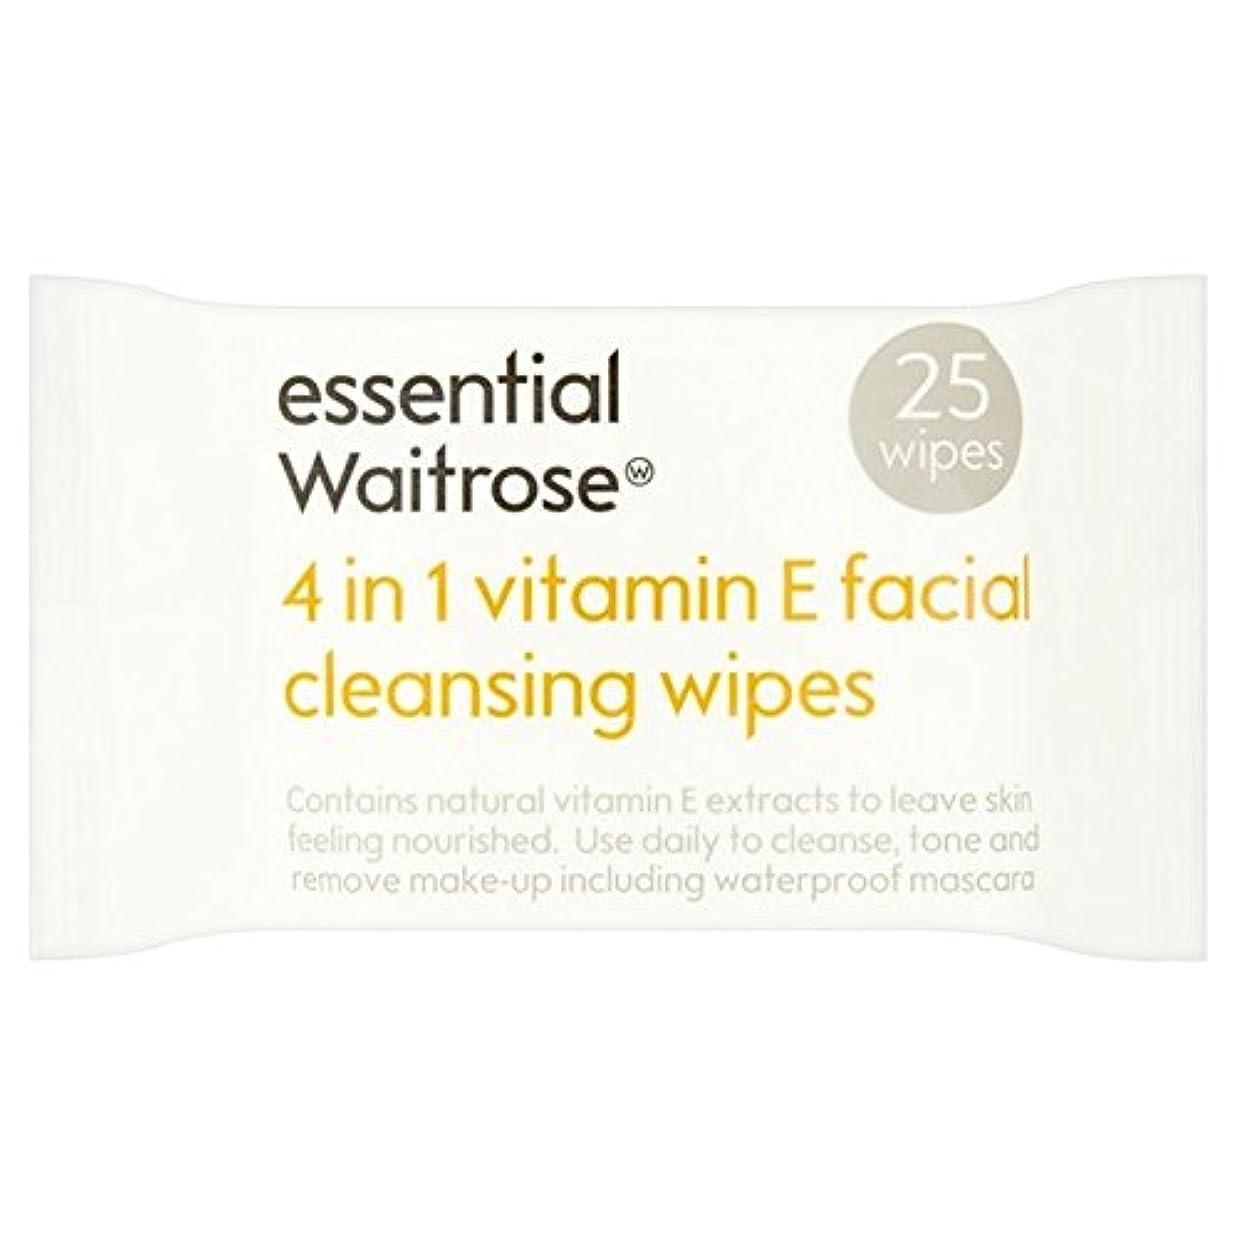 オプショナル無秩序計算可能Essential 4 in 1 Cleansing Wipes Vitamin E Waitrose 25 per pack (Pack of 6) - 1つのクレンジングで4不可欠パックあたりのビタミンウェイトローズ25ワイプ x6 [並行輸入品]